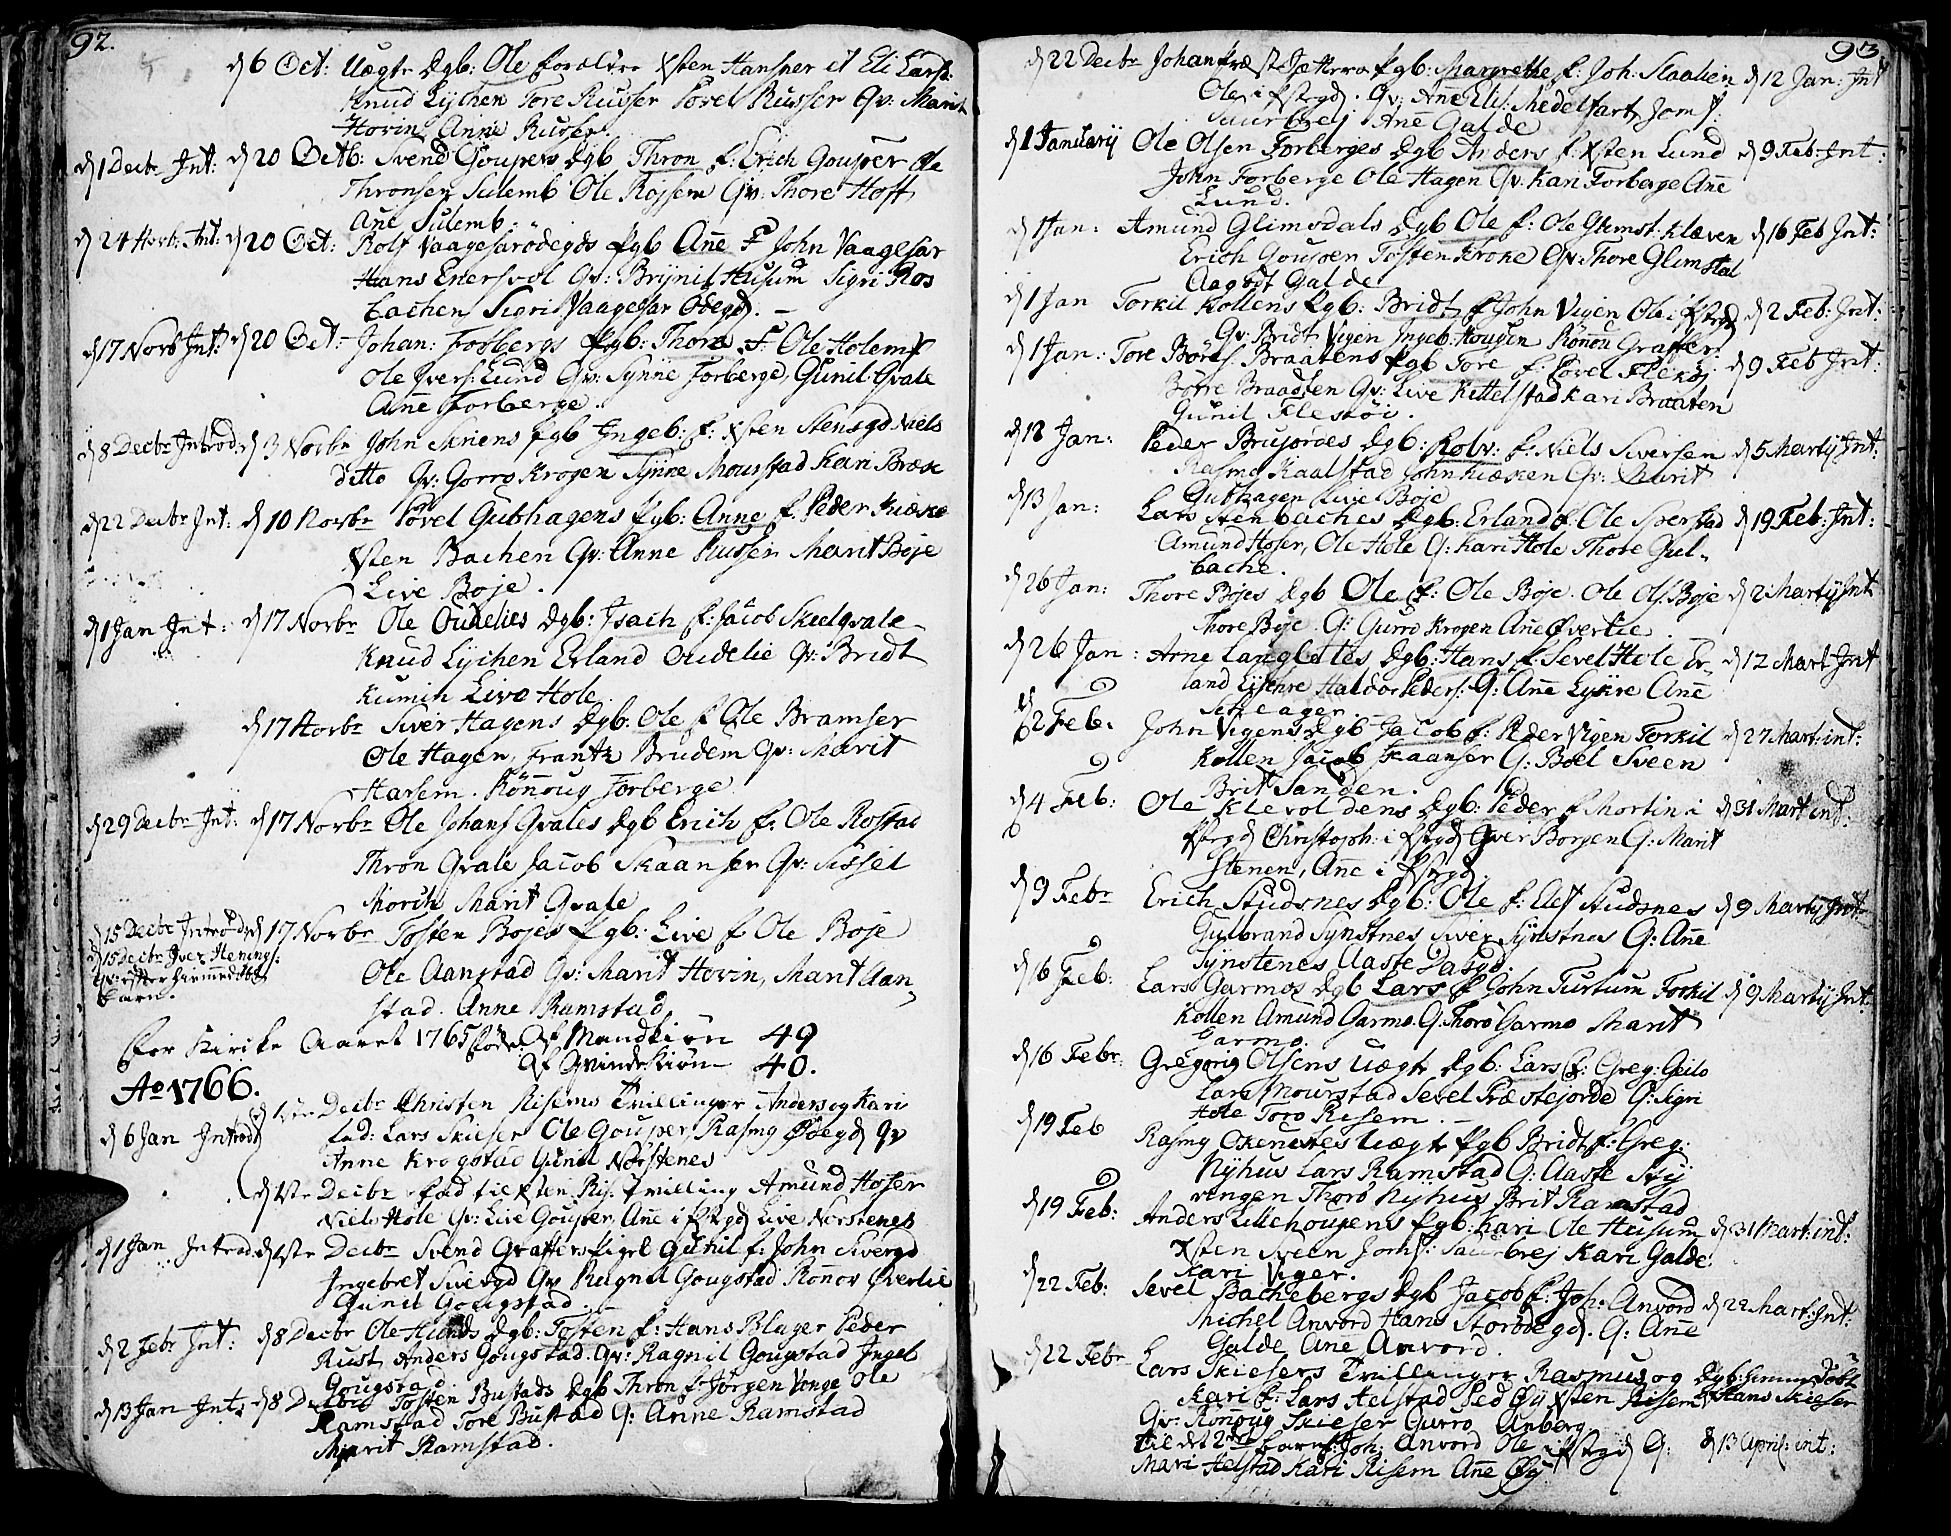 SAH, Lom prestekontor, K/L0002: Ministerialbok nr. 2, 1749-1801, s. 92-93